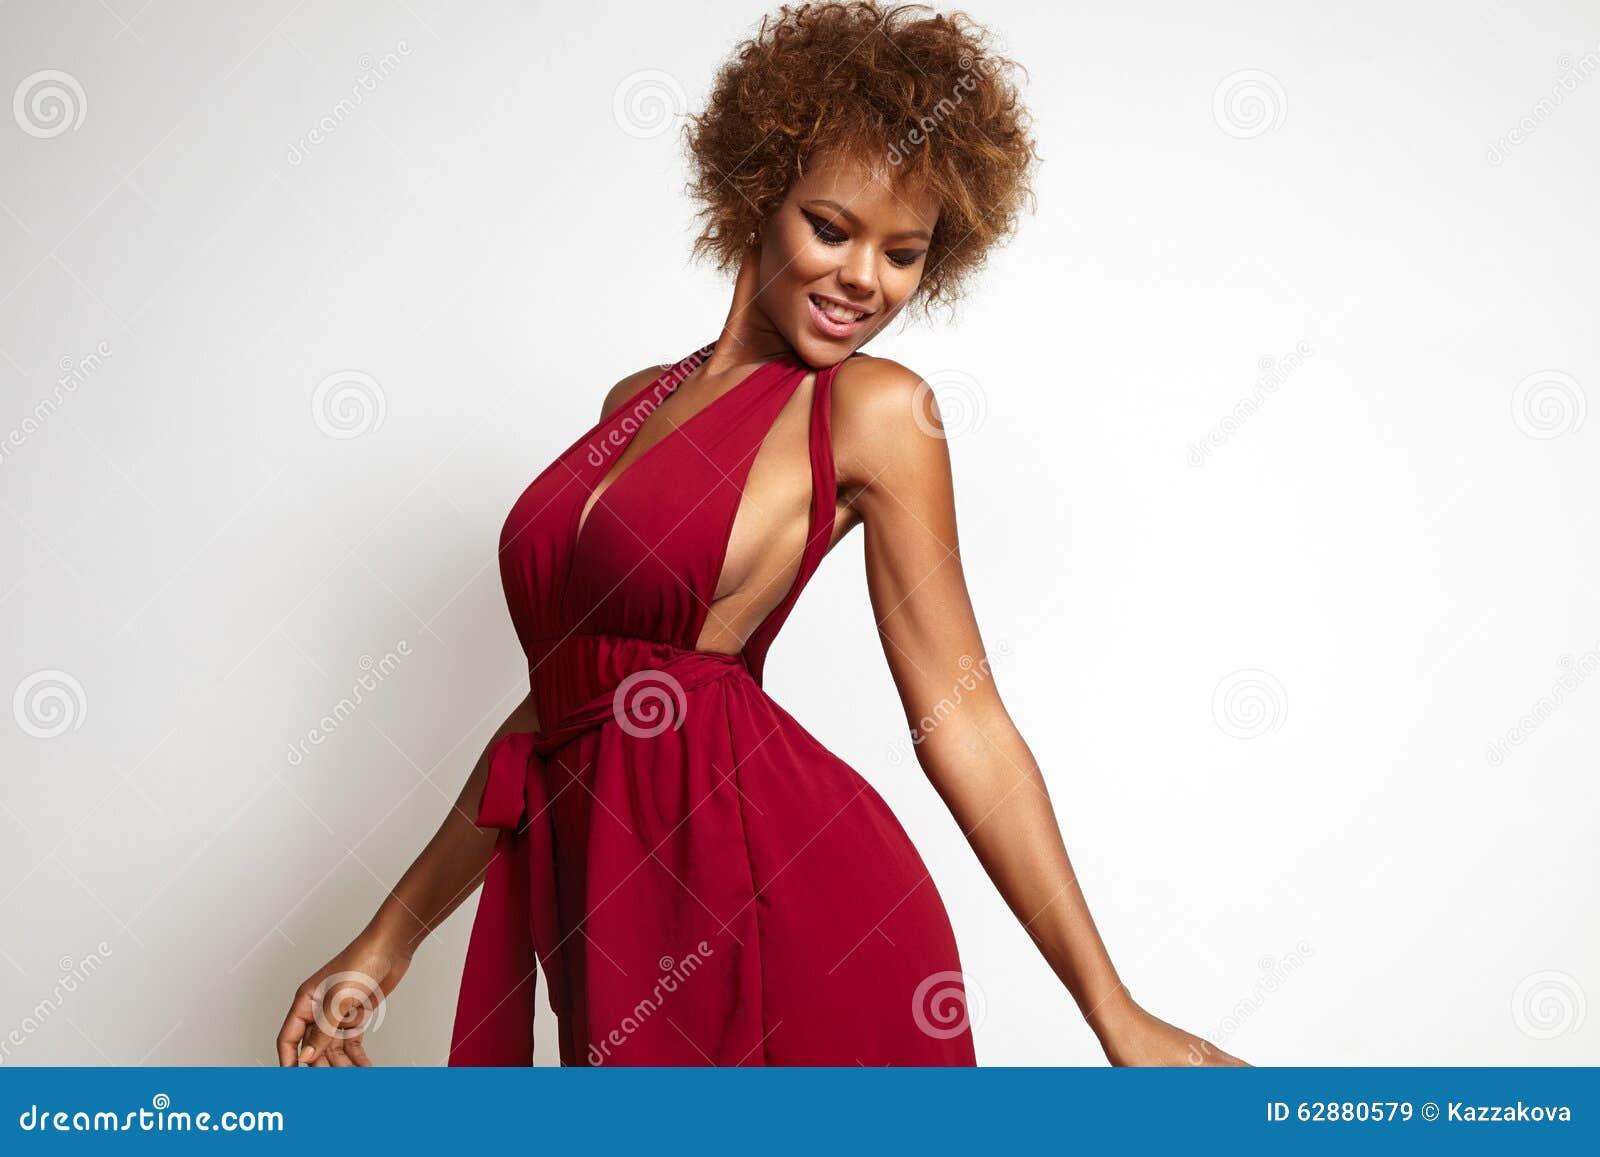 Black Woman Dancing 101